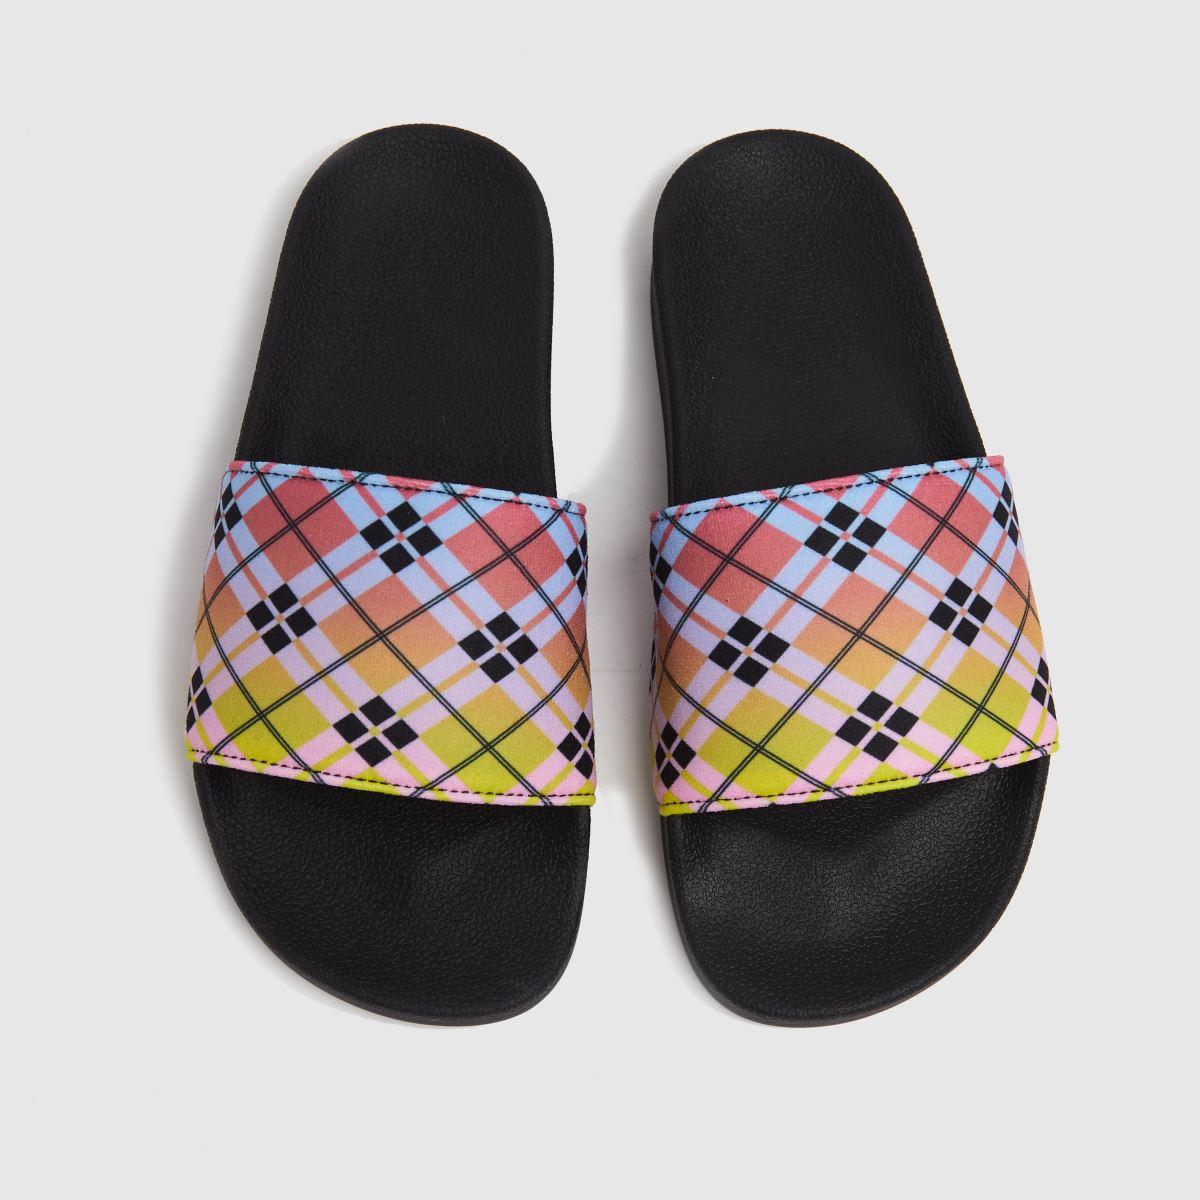 Adidas Black & Pink Adilette Sandals